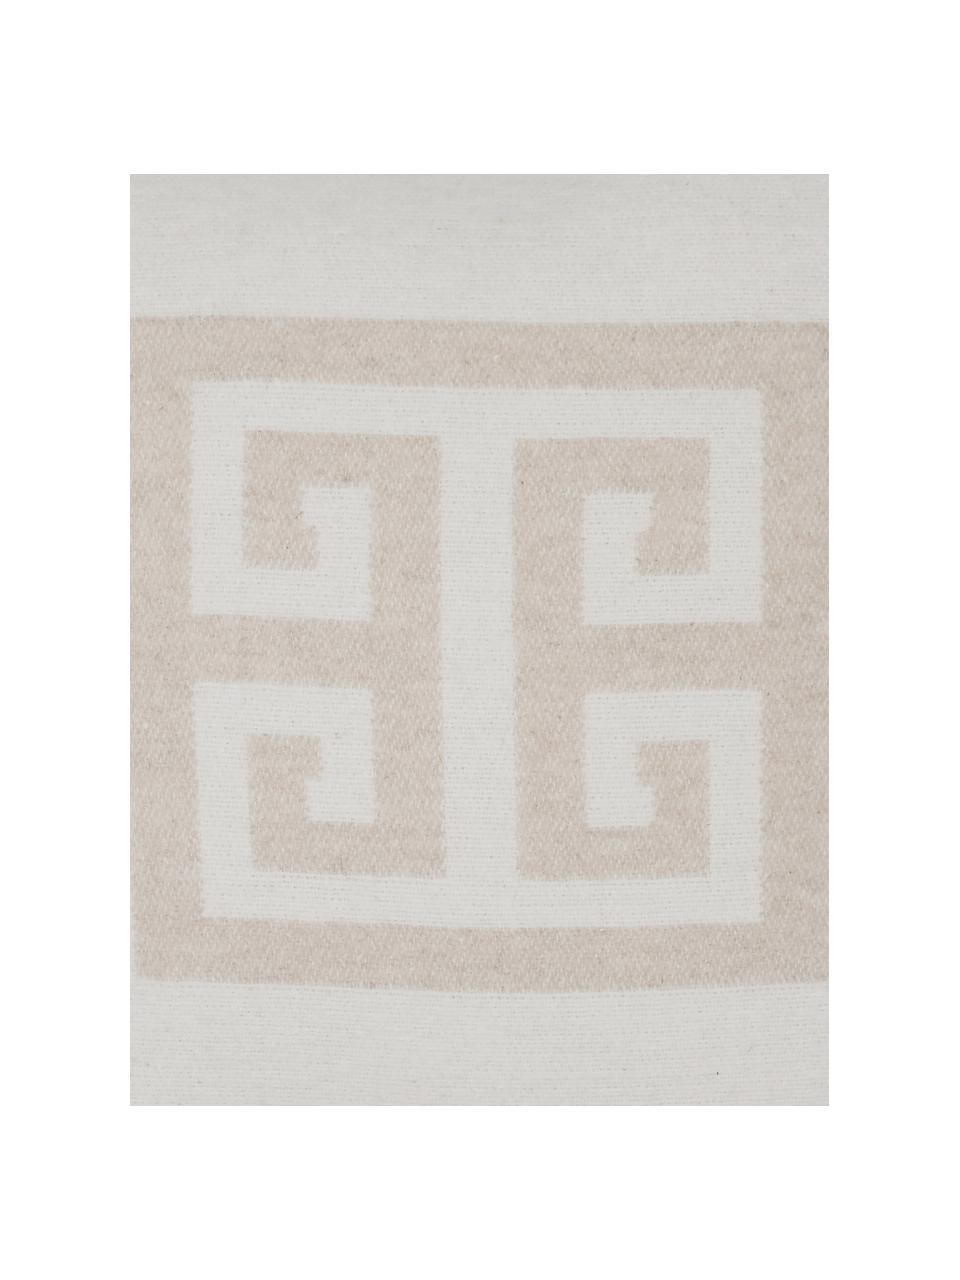 Poszewka na poduszkę Lugano, 100% poliester, Odcienie piaskowego, złamana biel, S 45 x D 45 cm